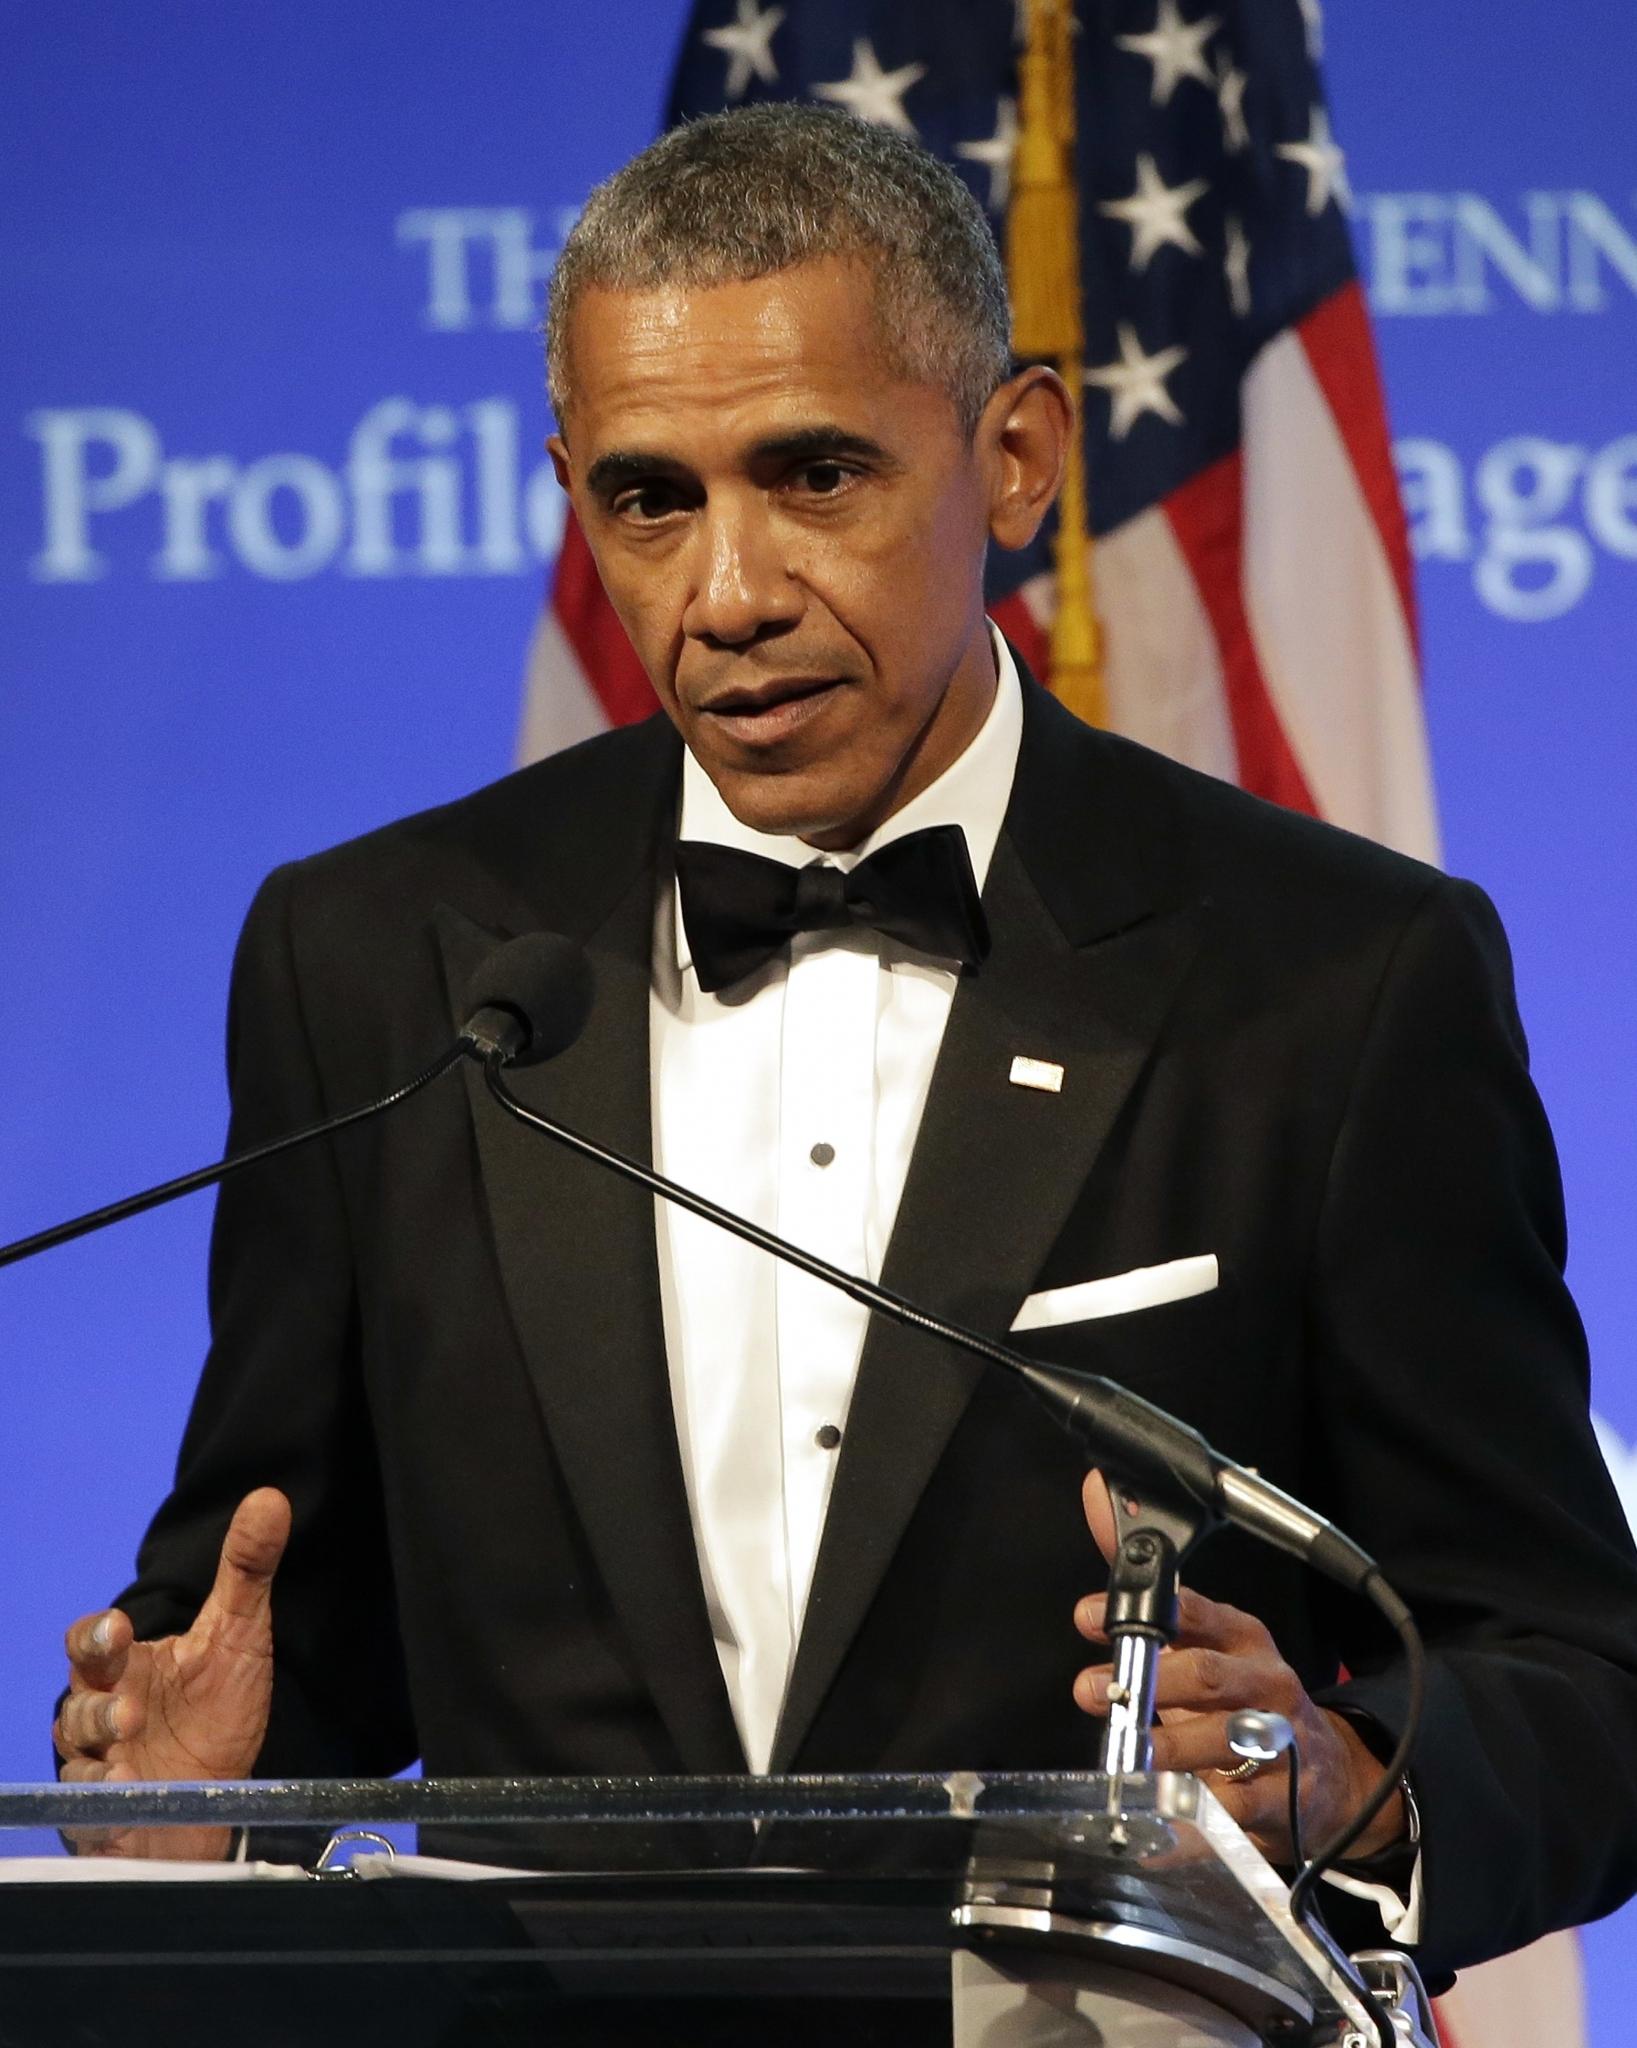 오바마케어 폐지법안. 사진은 버락 오바마 전 미국 대통령. /사진=뉴시스(AP 제공)